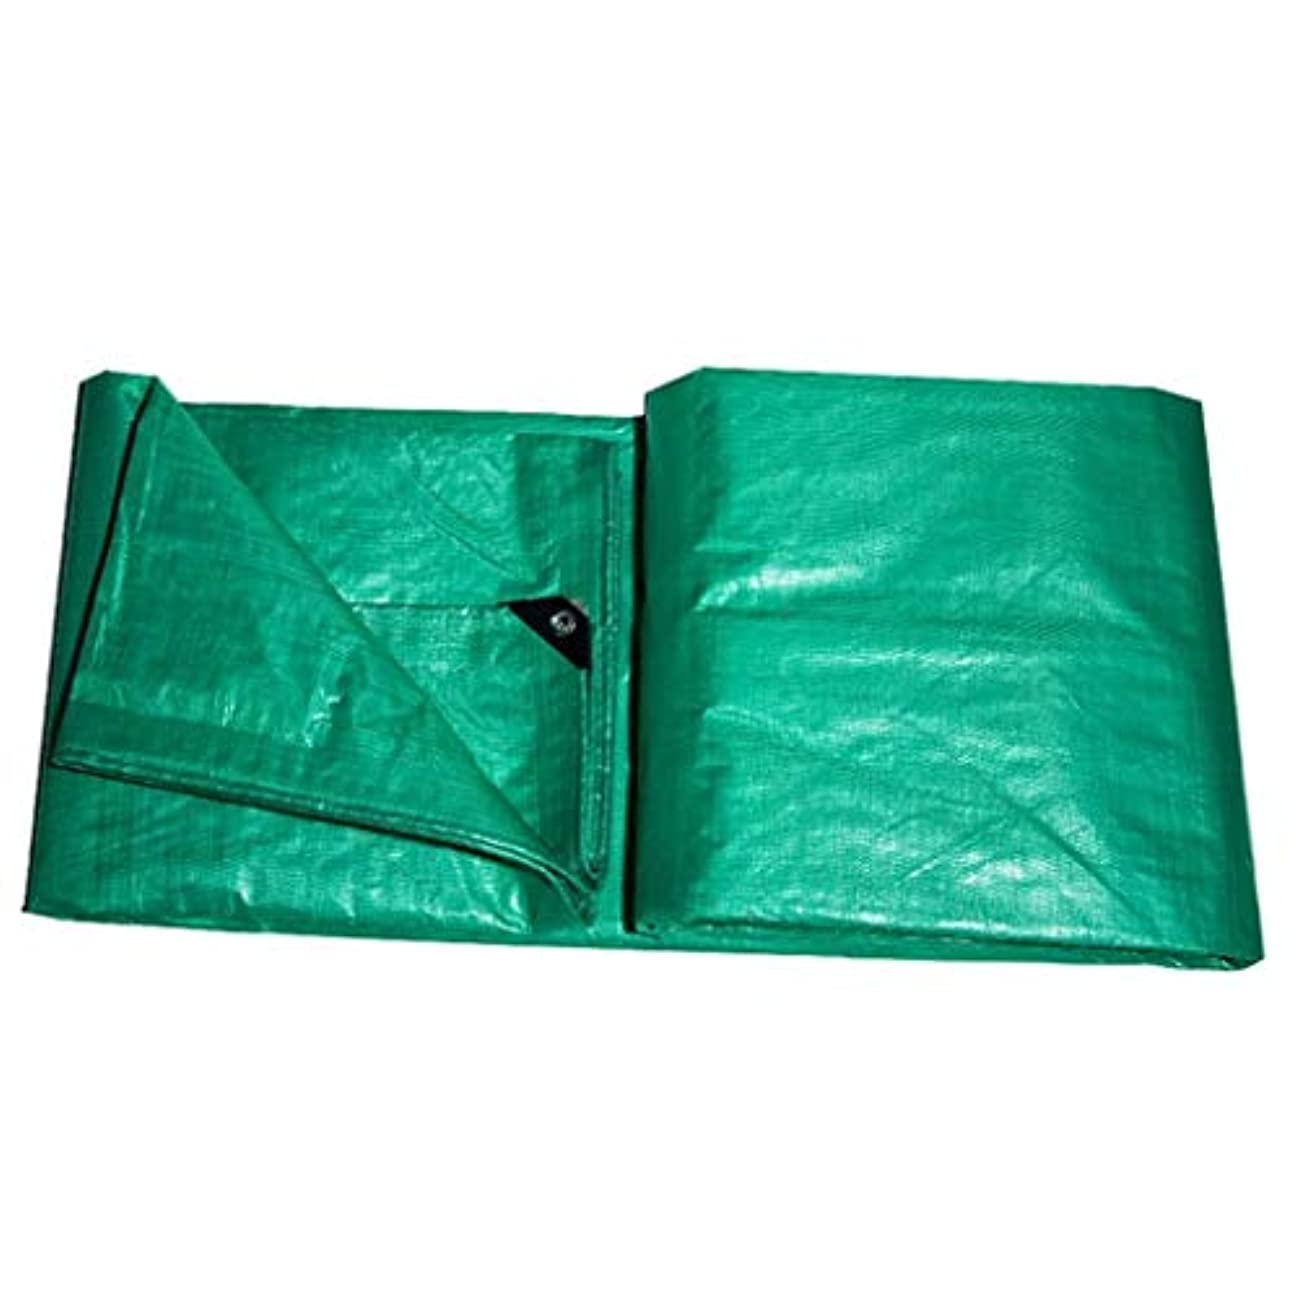 絶壁賞支配的防水シートスーパー防水防雨多目的屋外シェードヘビーデューティターポリン多機能タープ - 100%防水、マルチサイズオプションプールカバーターポリン FENGMIMG (色 : 緑, サイズ さいず : 5mx7m)